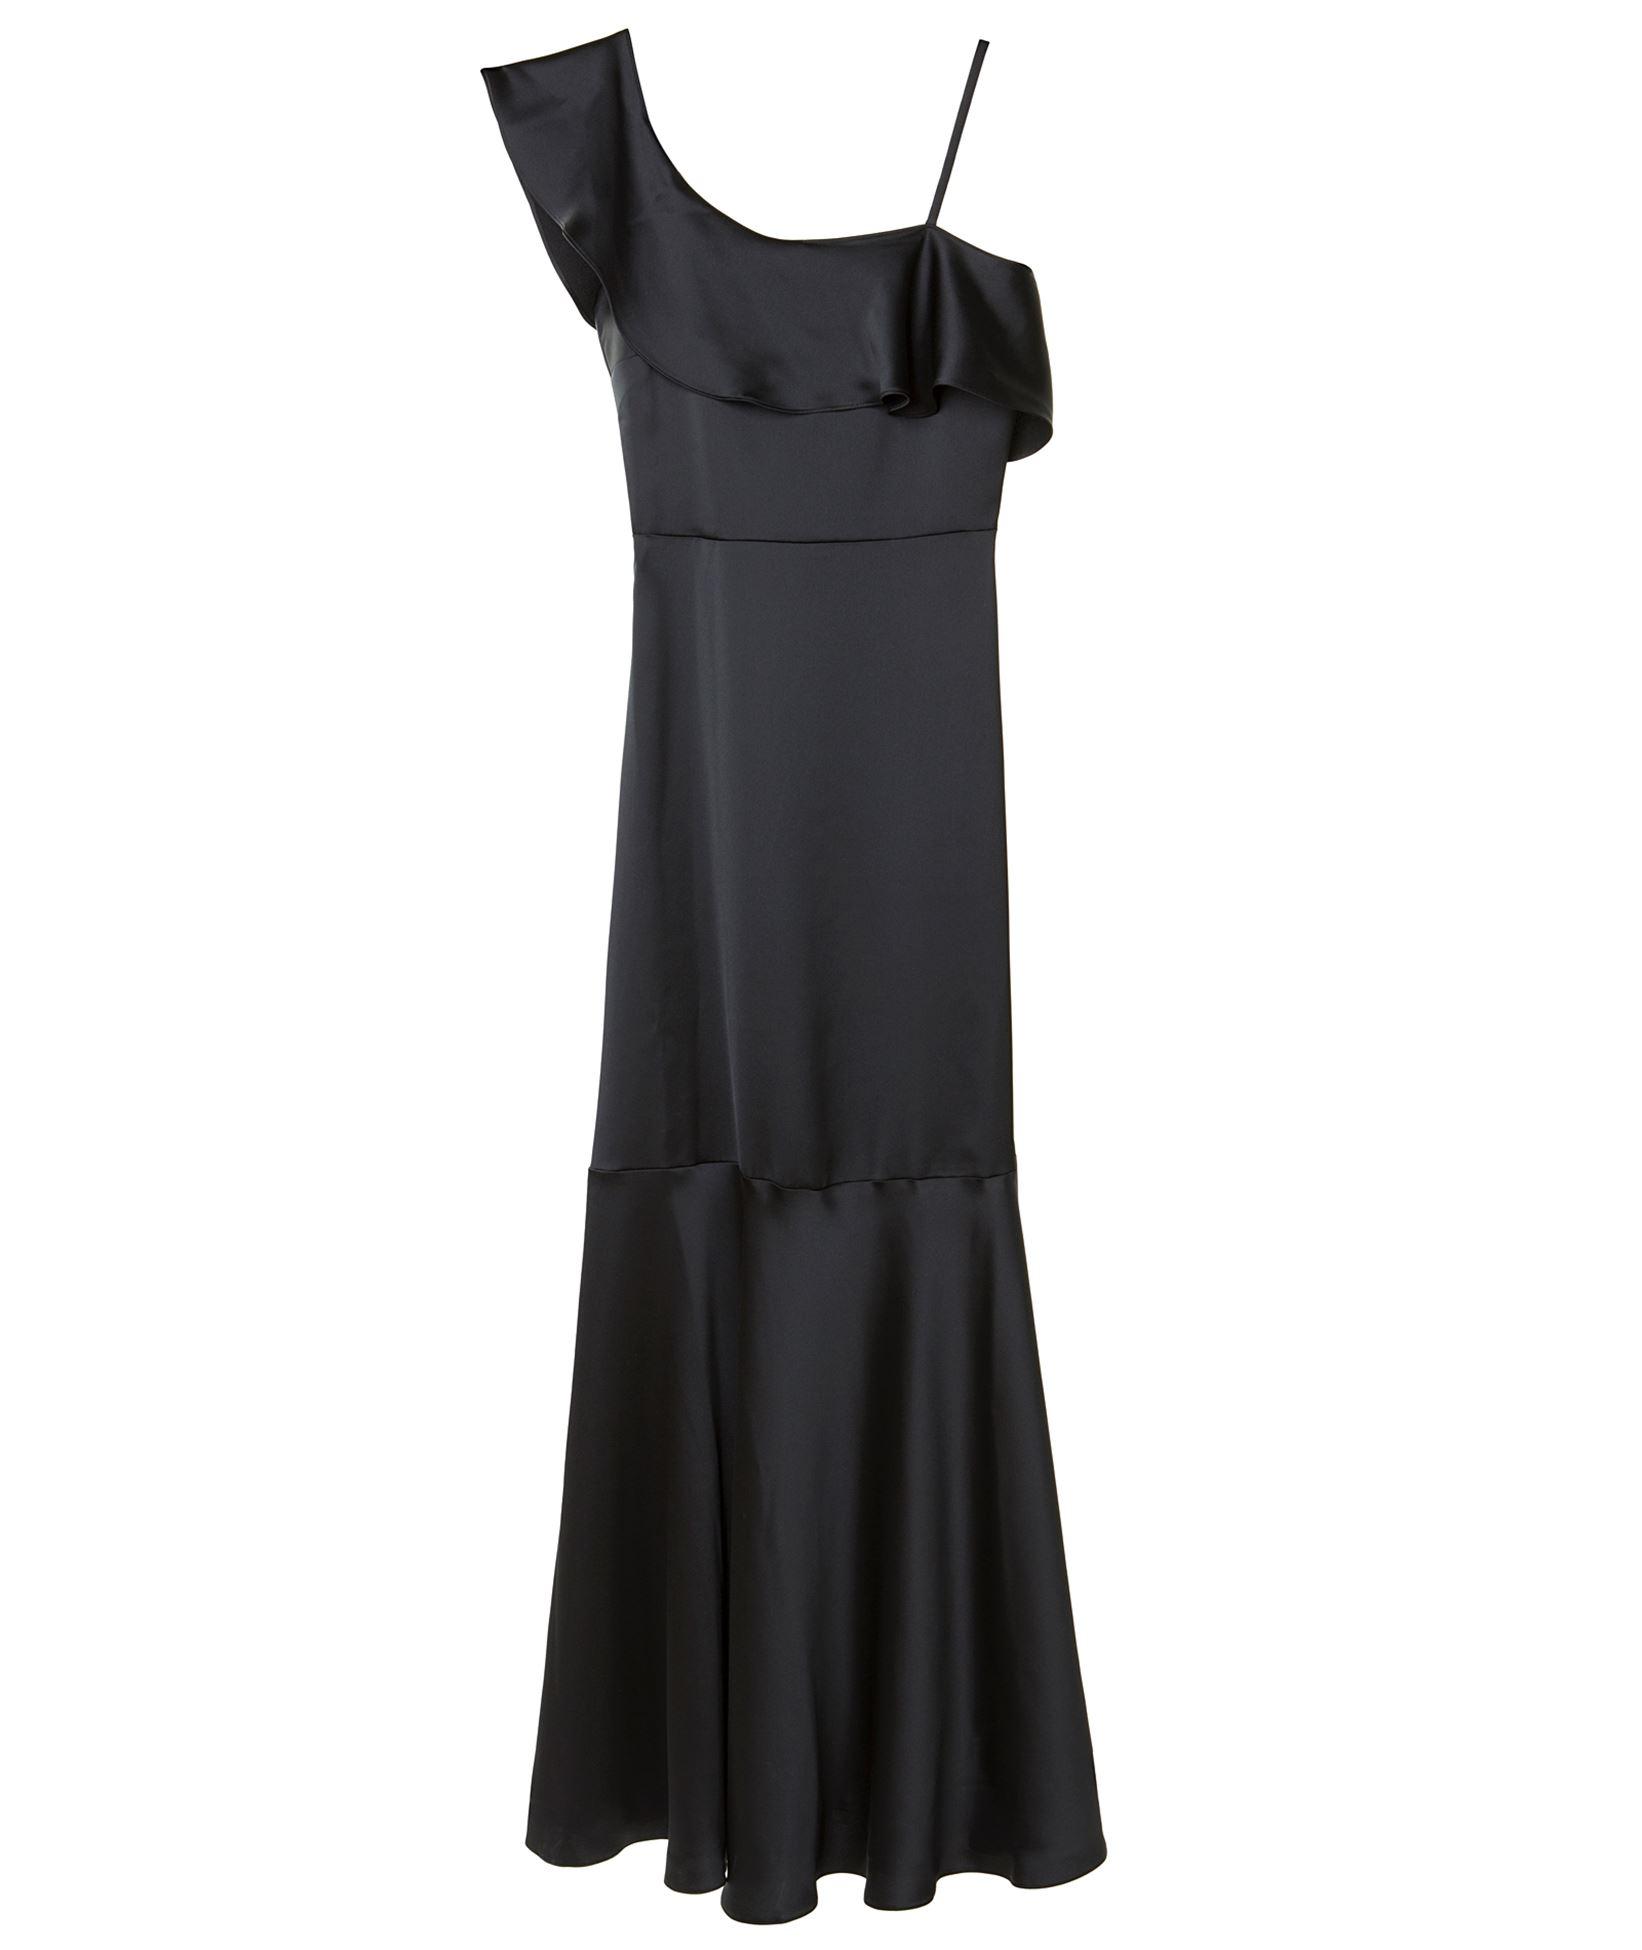 3151c9ed3c8 Mi-Ro Black Satin Asymmetric Ruffled Dress   Nightout